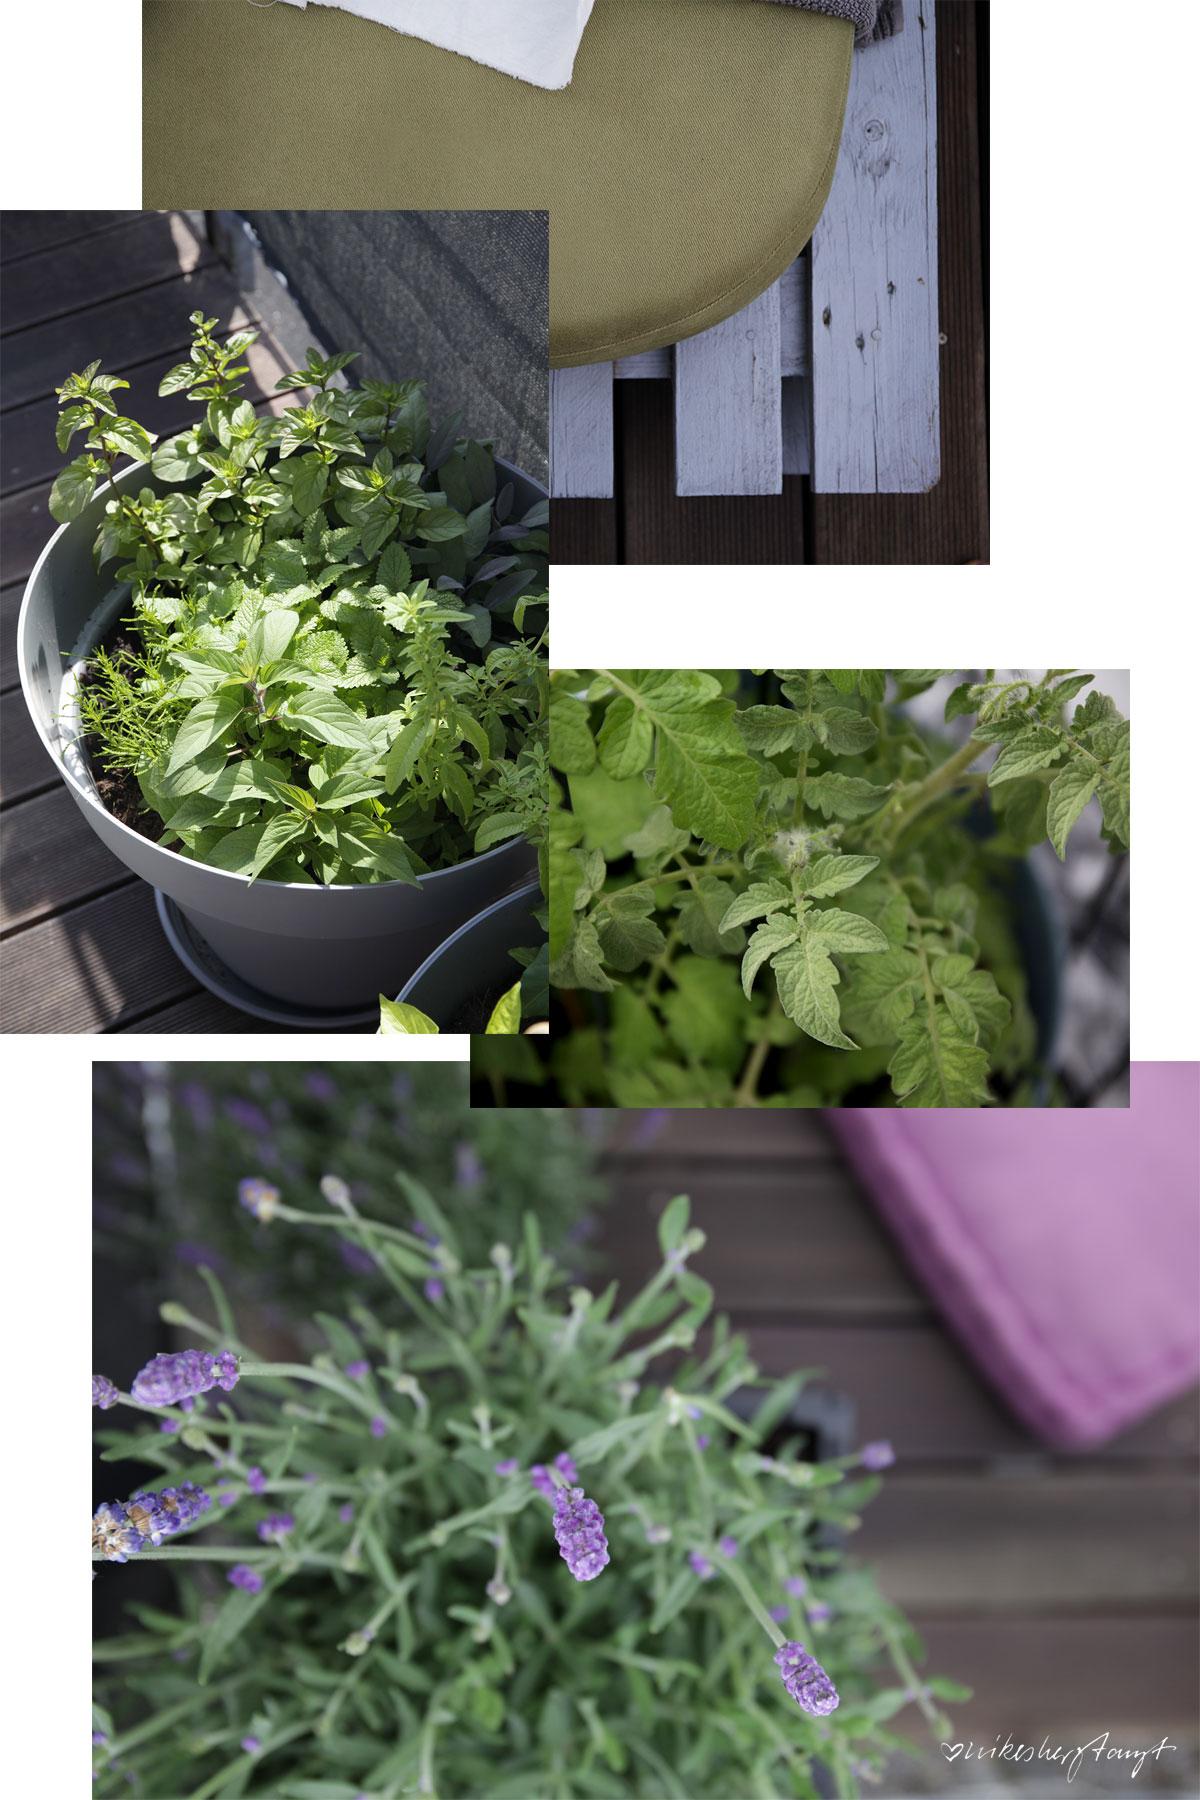 sonnendeck, urban gardening, tomaten, kräuter, pflanzen, dachterrasse, grüner daumen, blog, nikesherztanzt